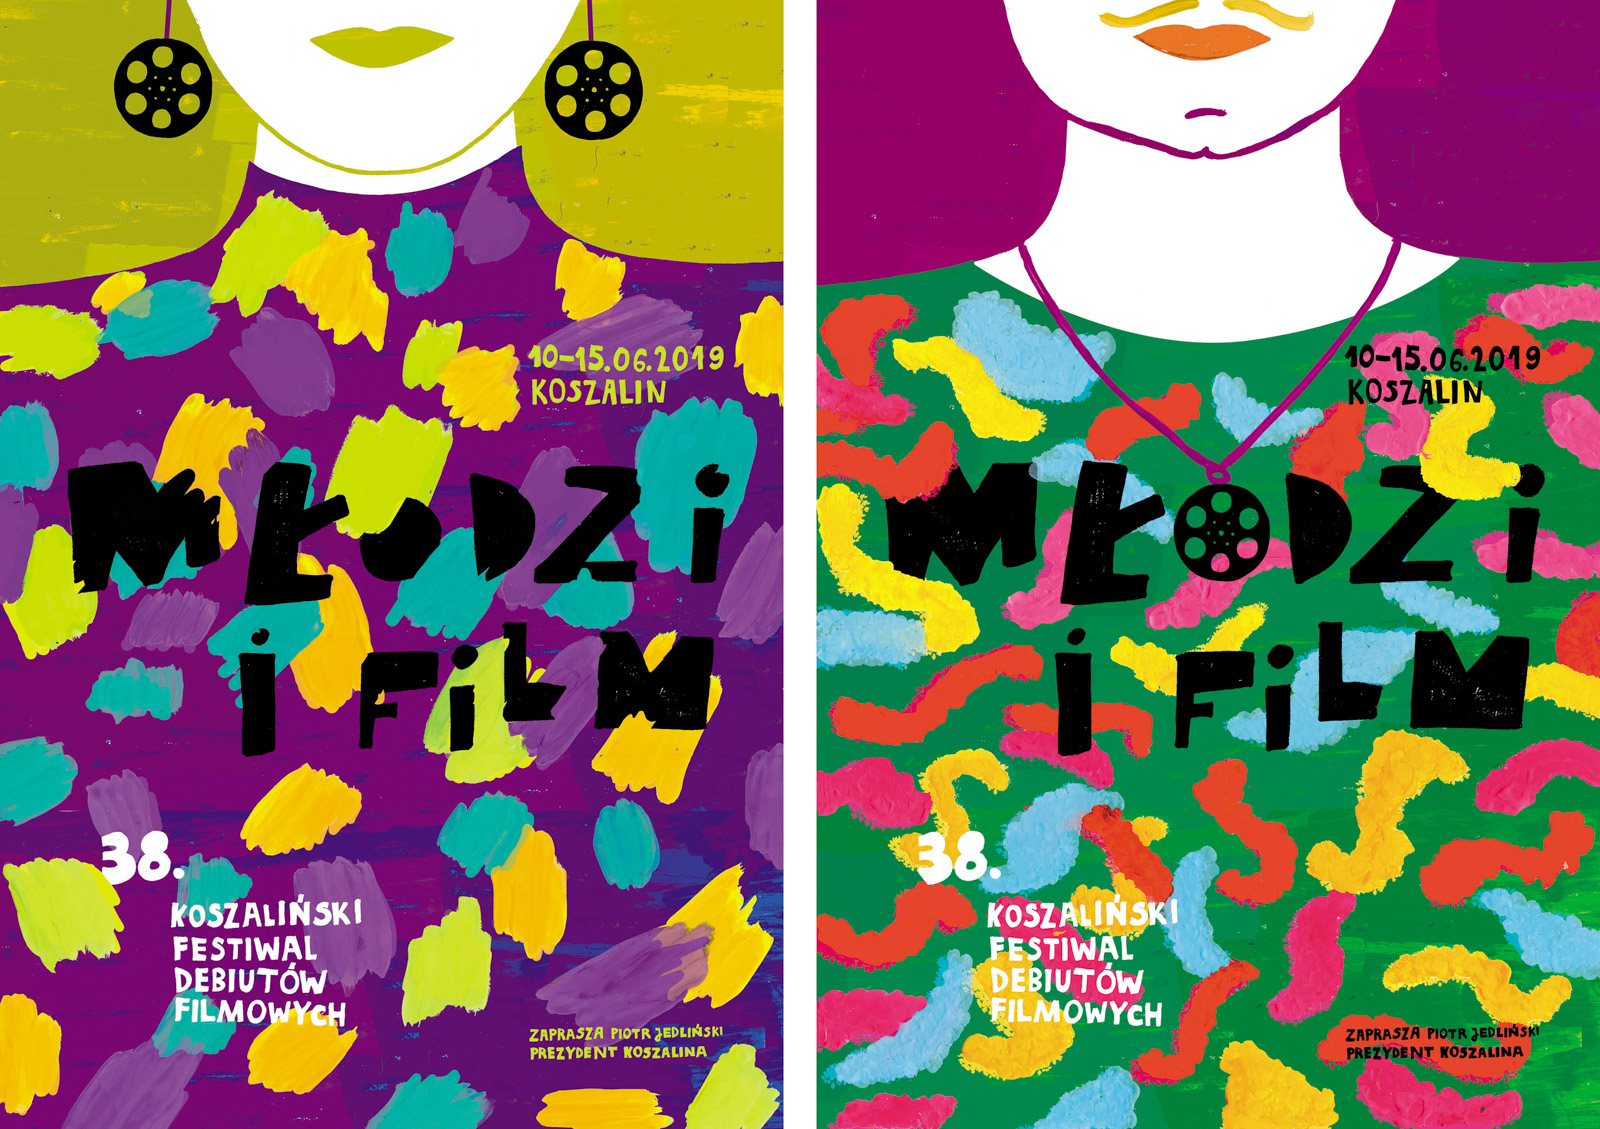 38. Festiwal Młodzi i Film - plakaty razem